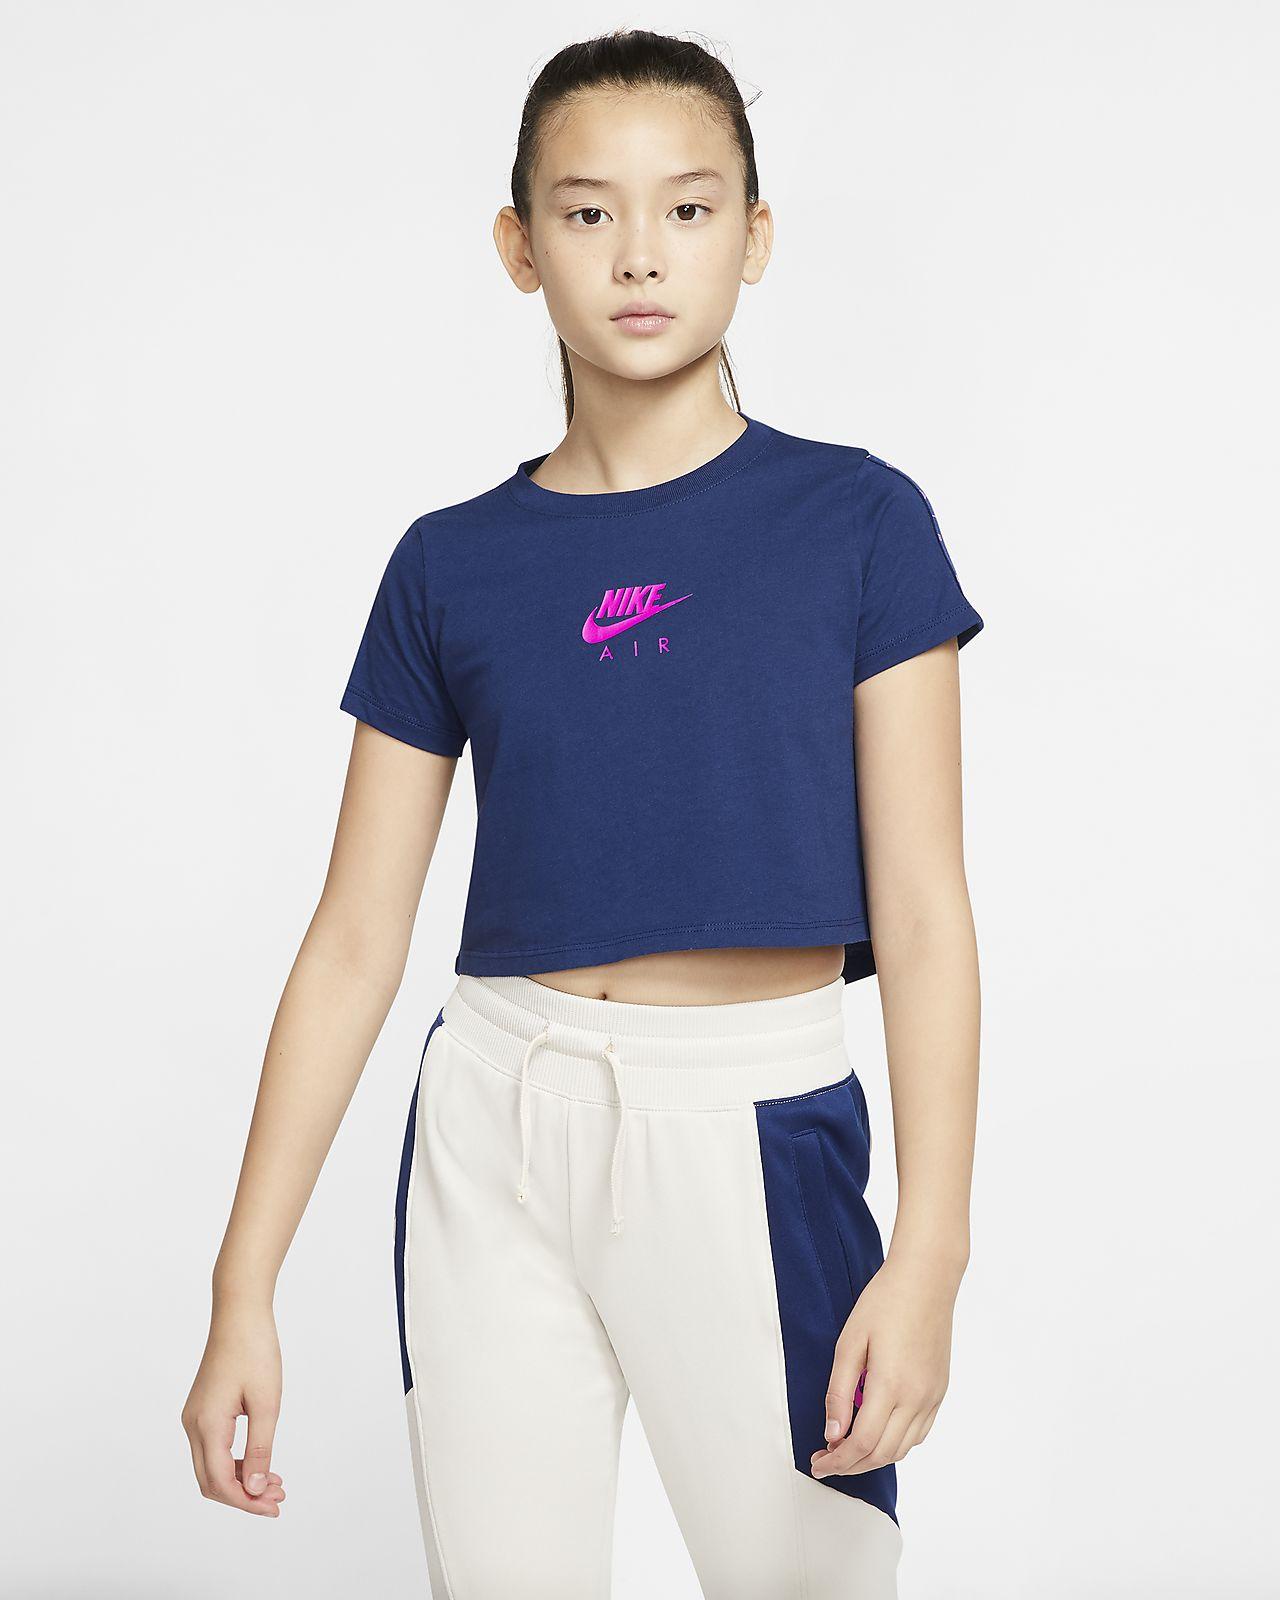 Nike Air T Shirt für ältere Kinder